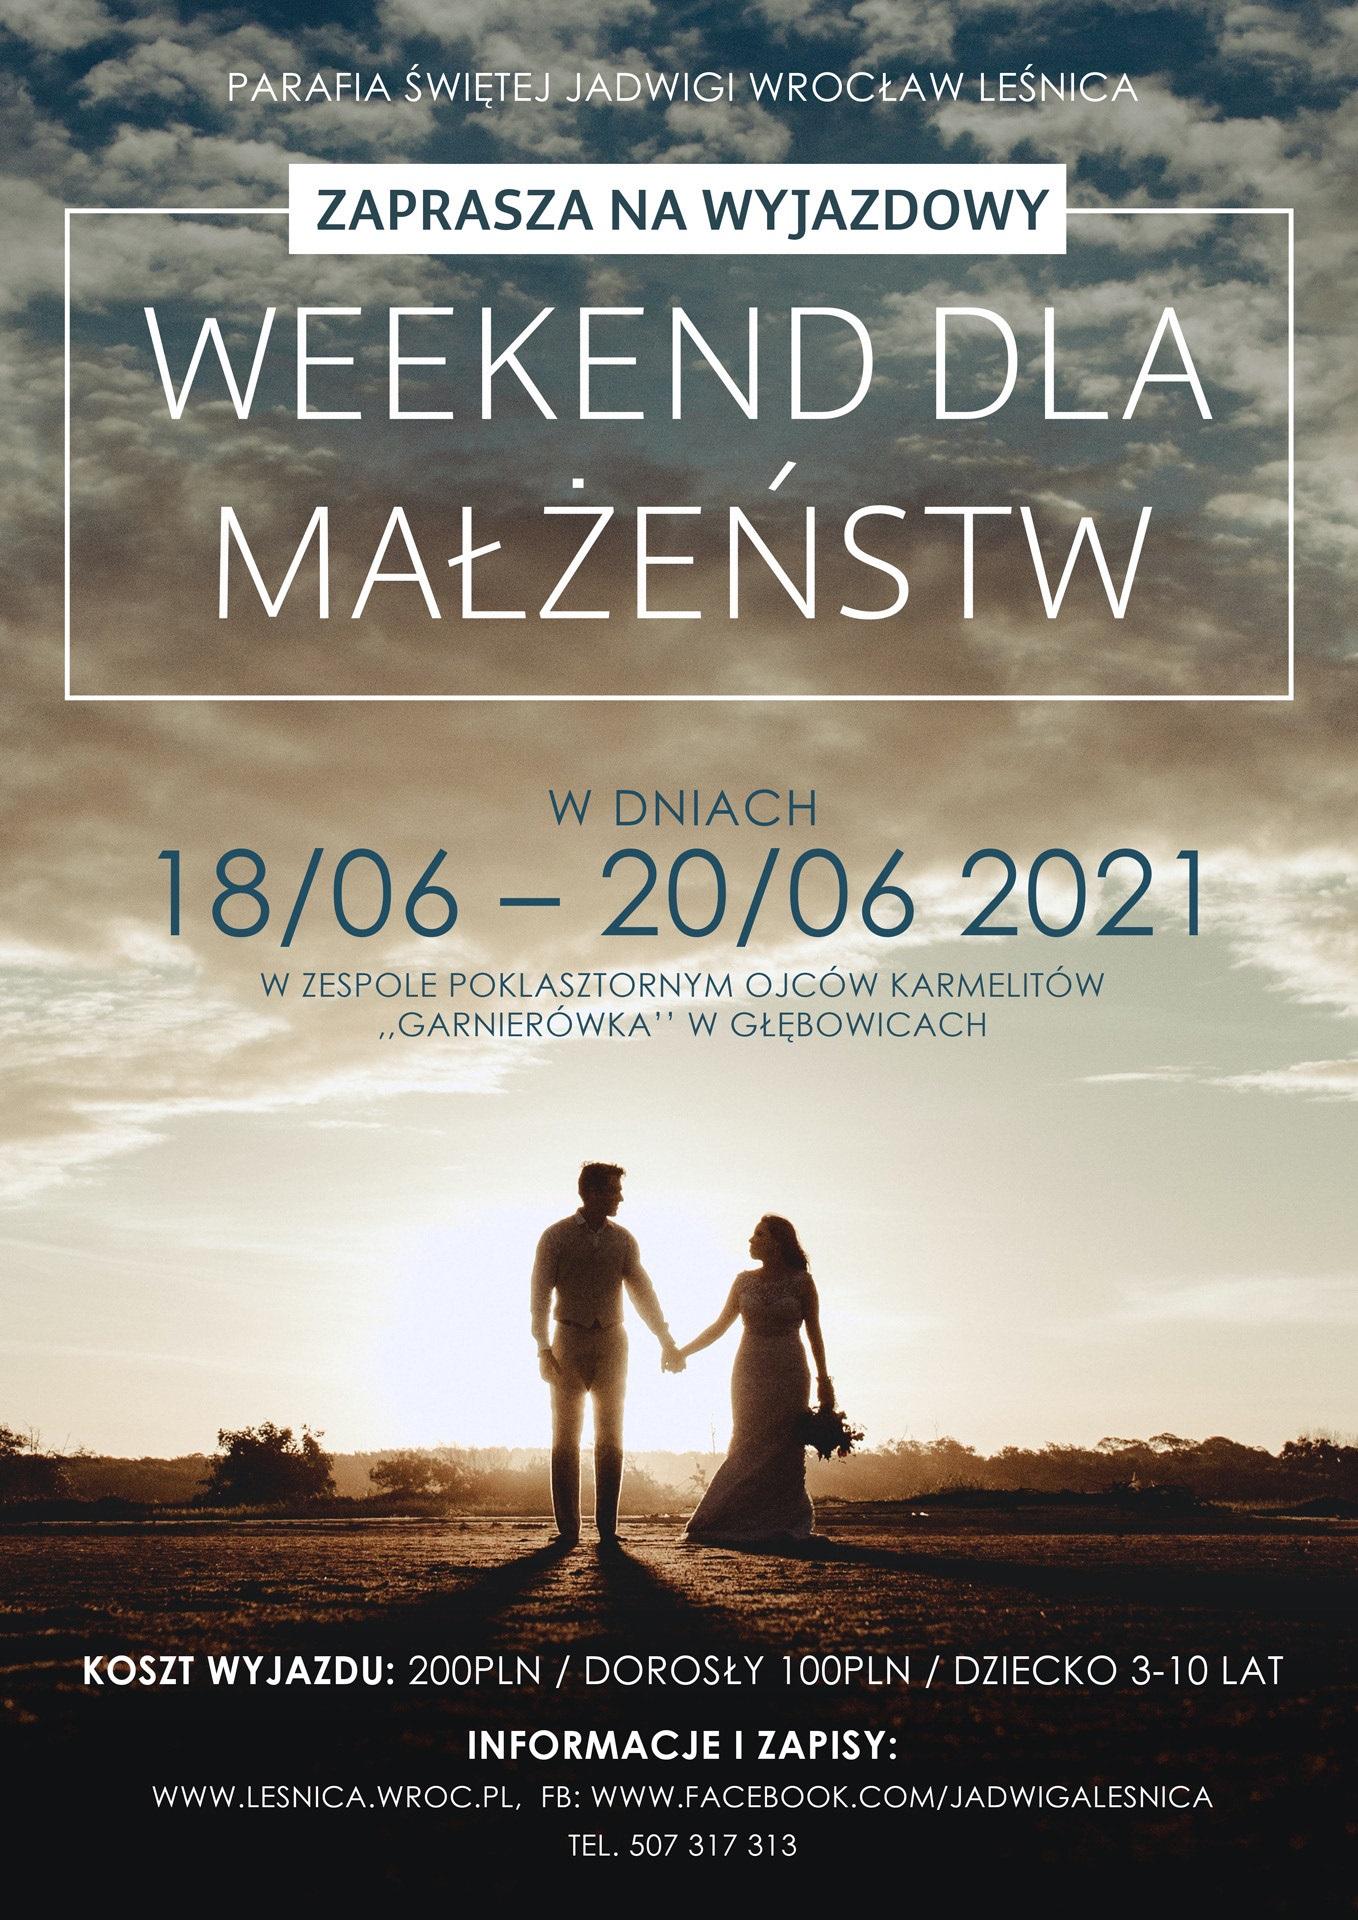 Weekend dla małżeństw